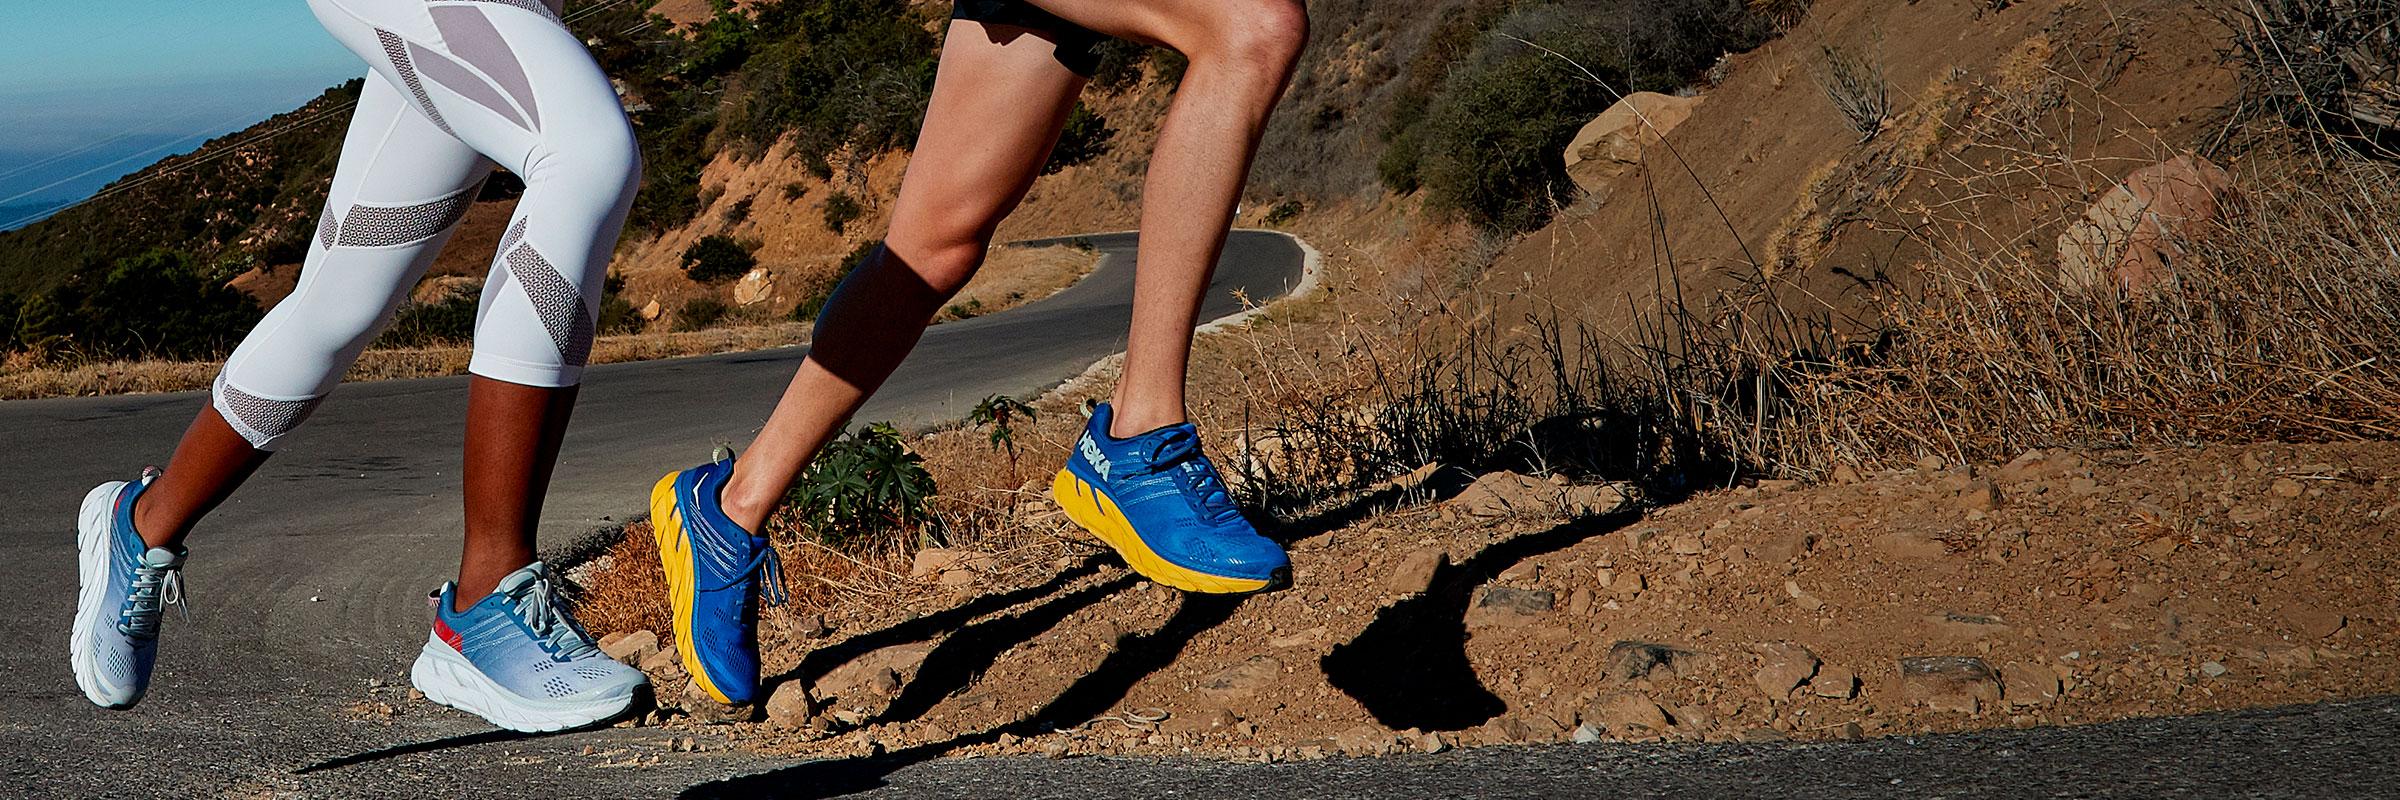 664e0b928b4f Negozio Running Online   Mister Running Shop